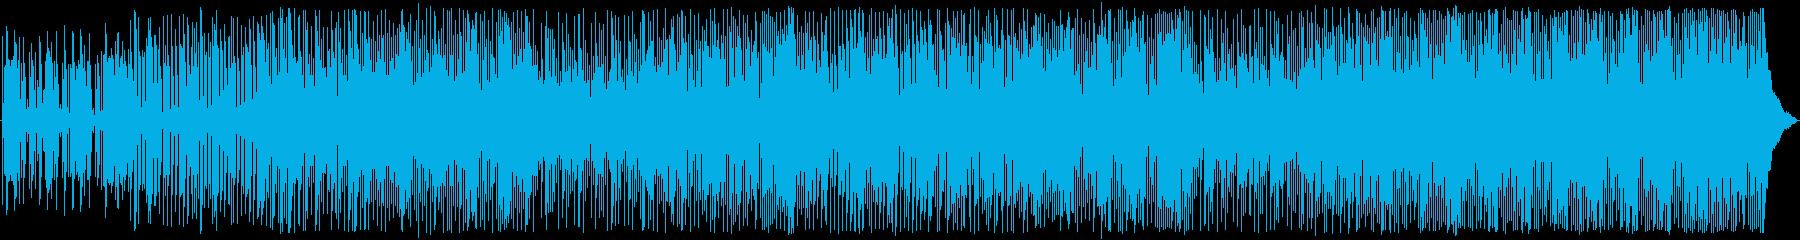 ピアノ、オルガン、ギターをフィーチ...の再生済みの波形